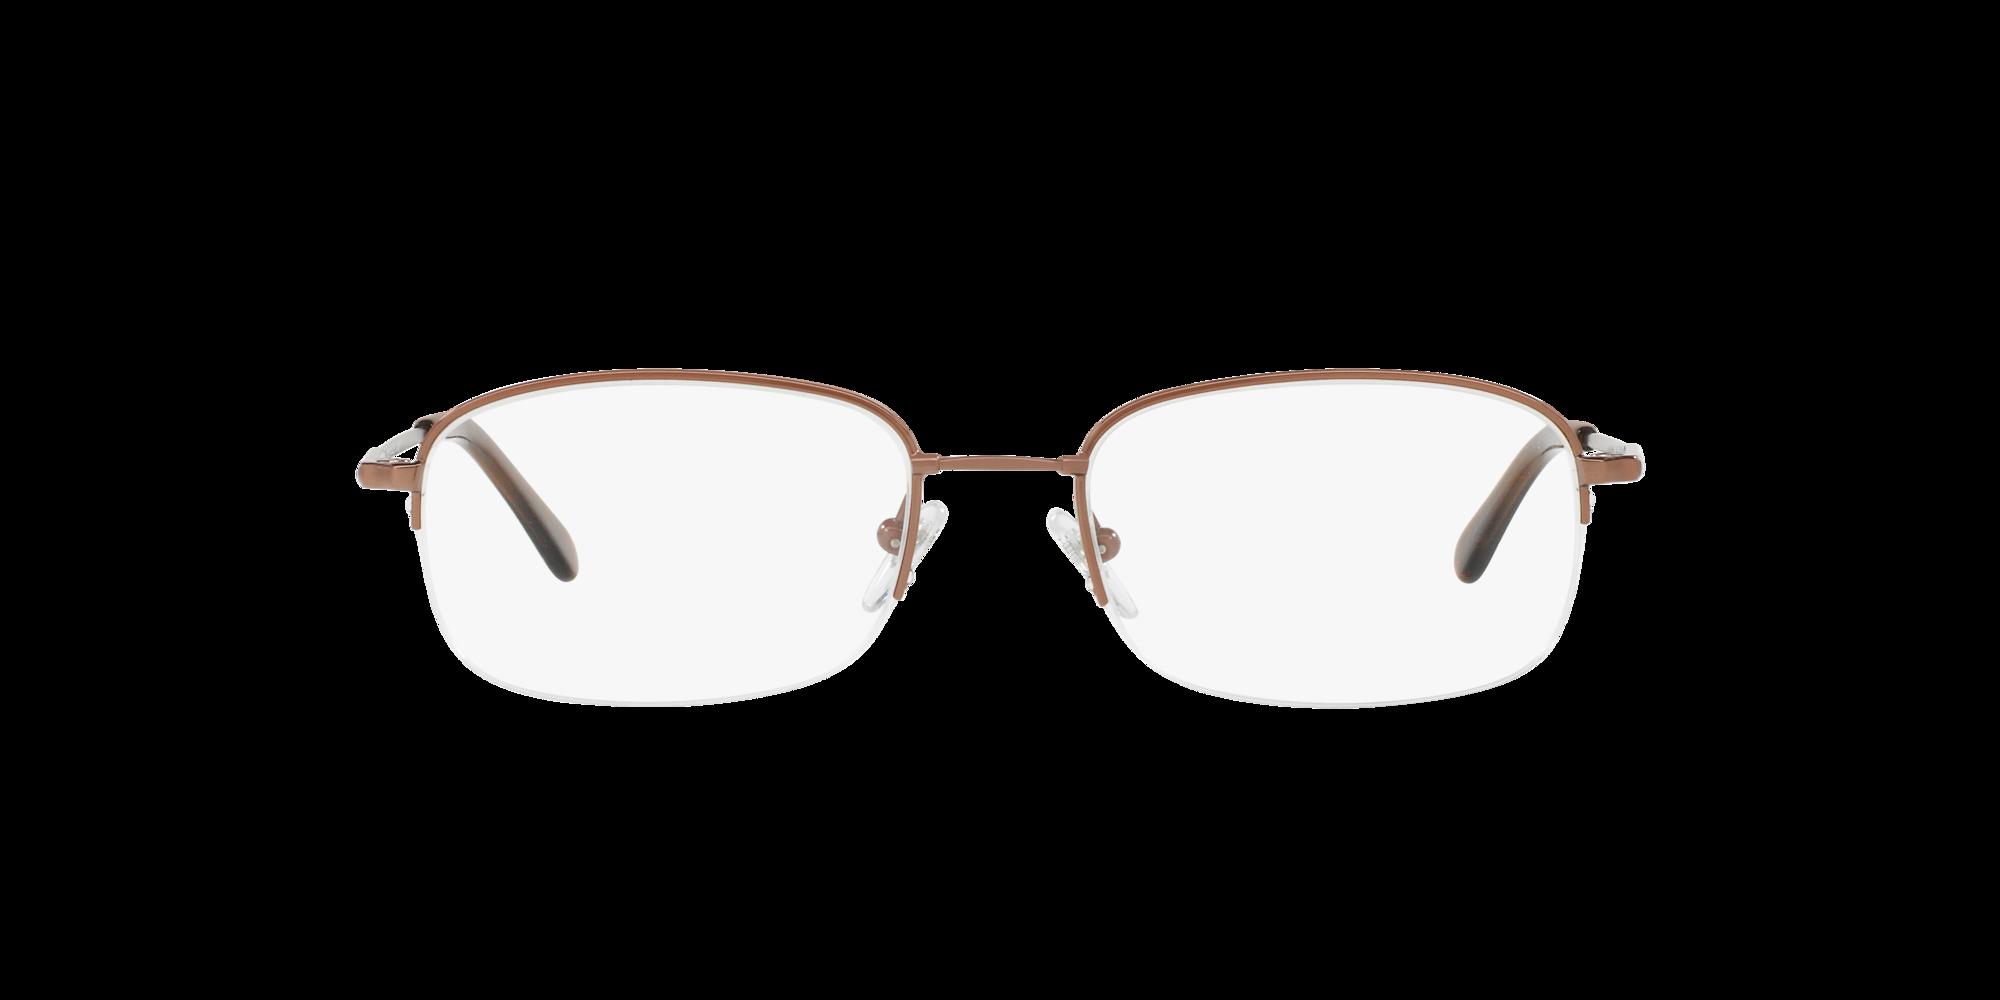 Imagen para SF9001 de LensCrafters    Espejuelos, espejuelos graduados en línea, gafas